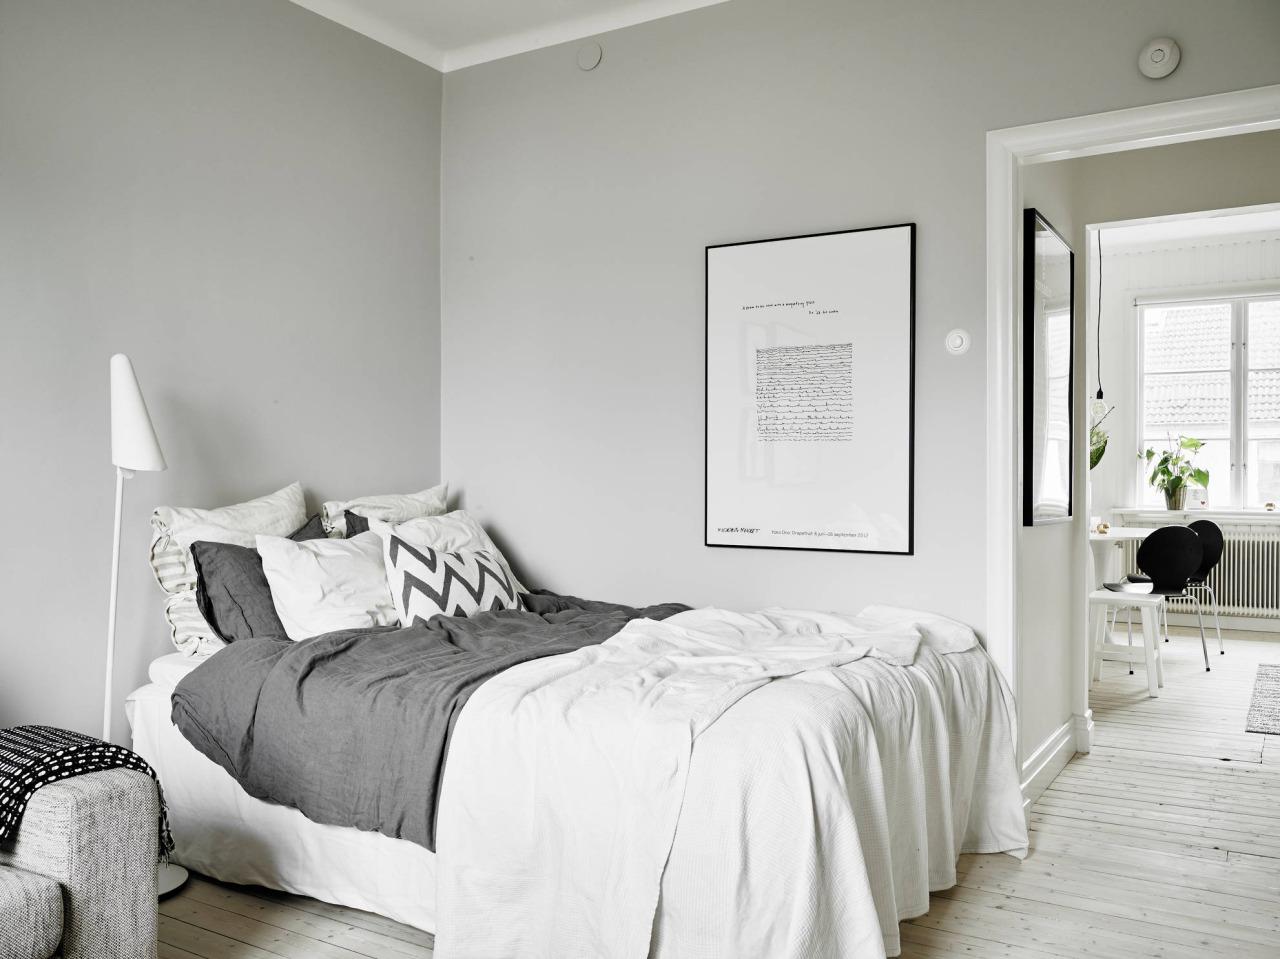 piso de madeira pintado de branco traz mais claridade e uniformidade  #495A33 1280 959